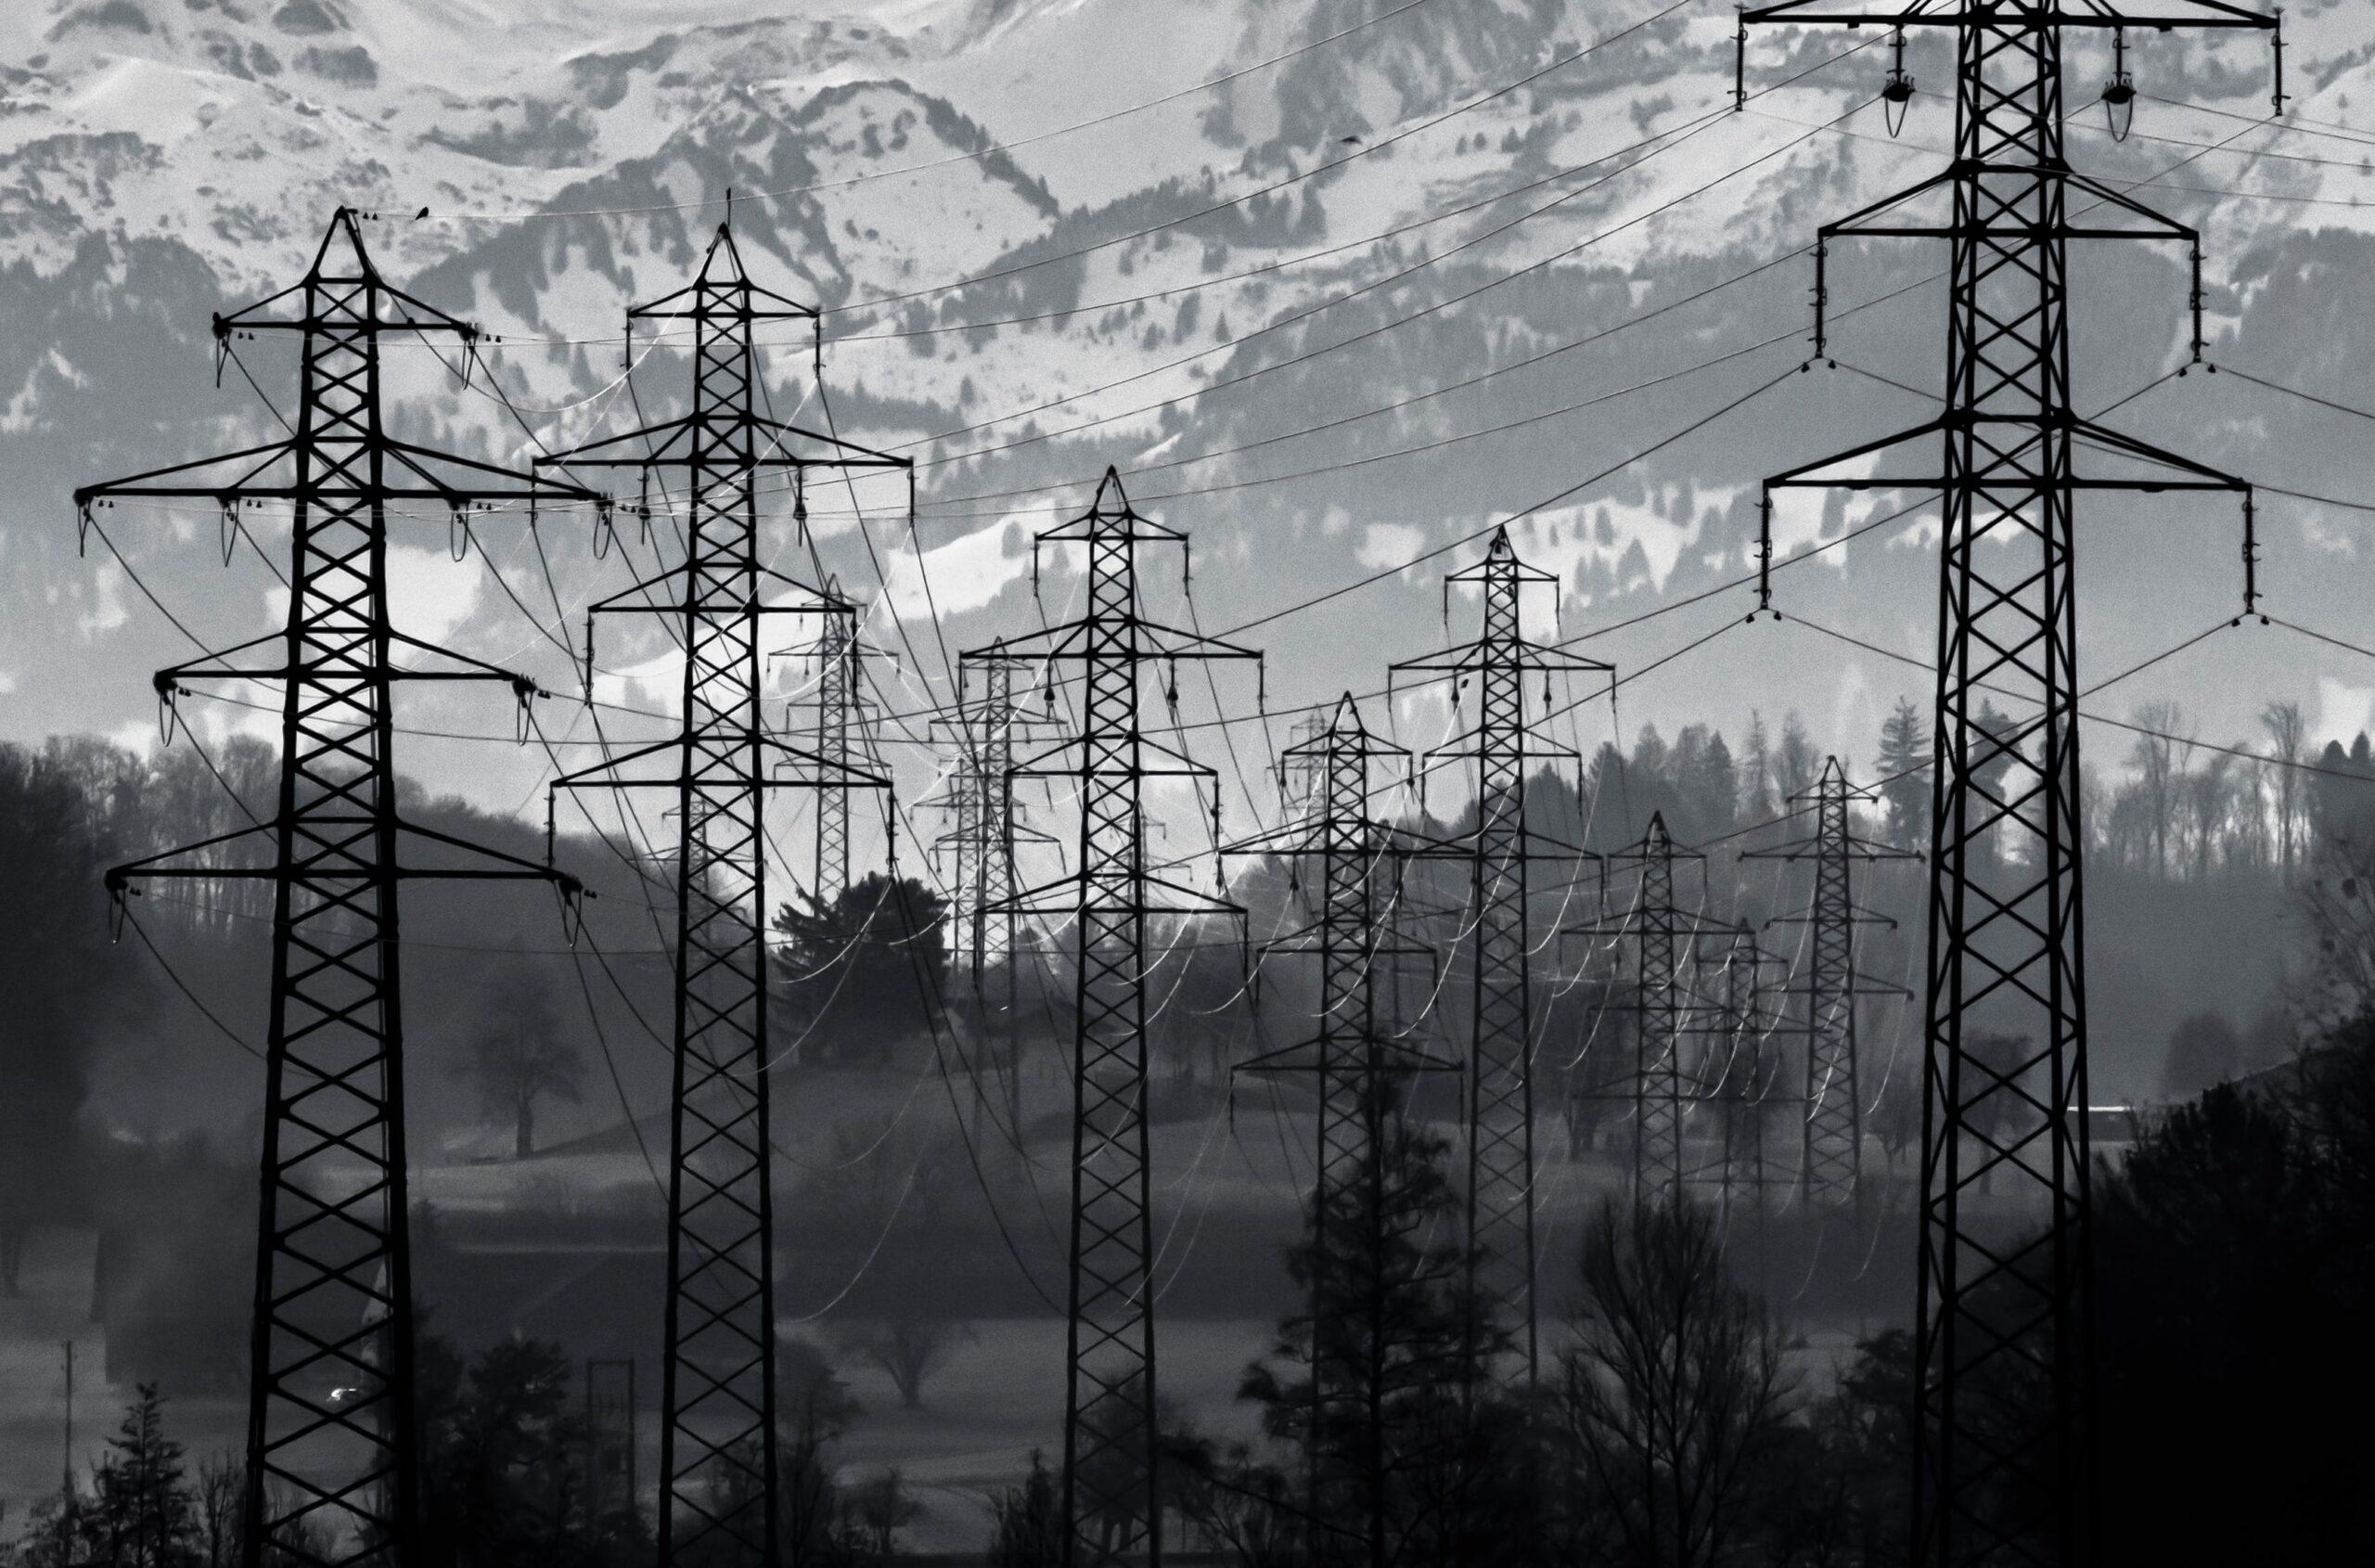 再生可能エネルギーの課題に対する解決策は?